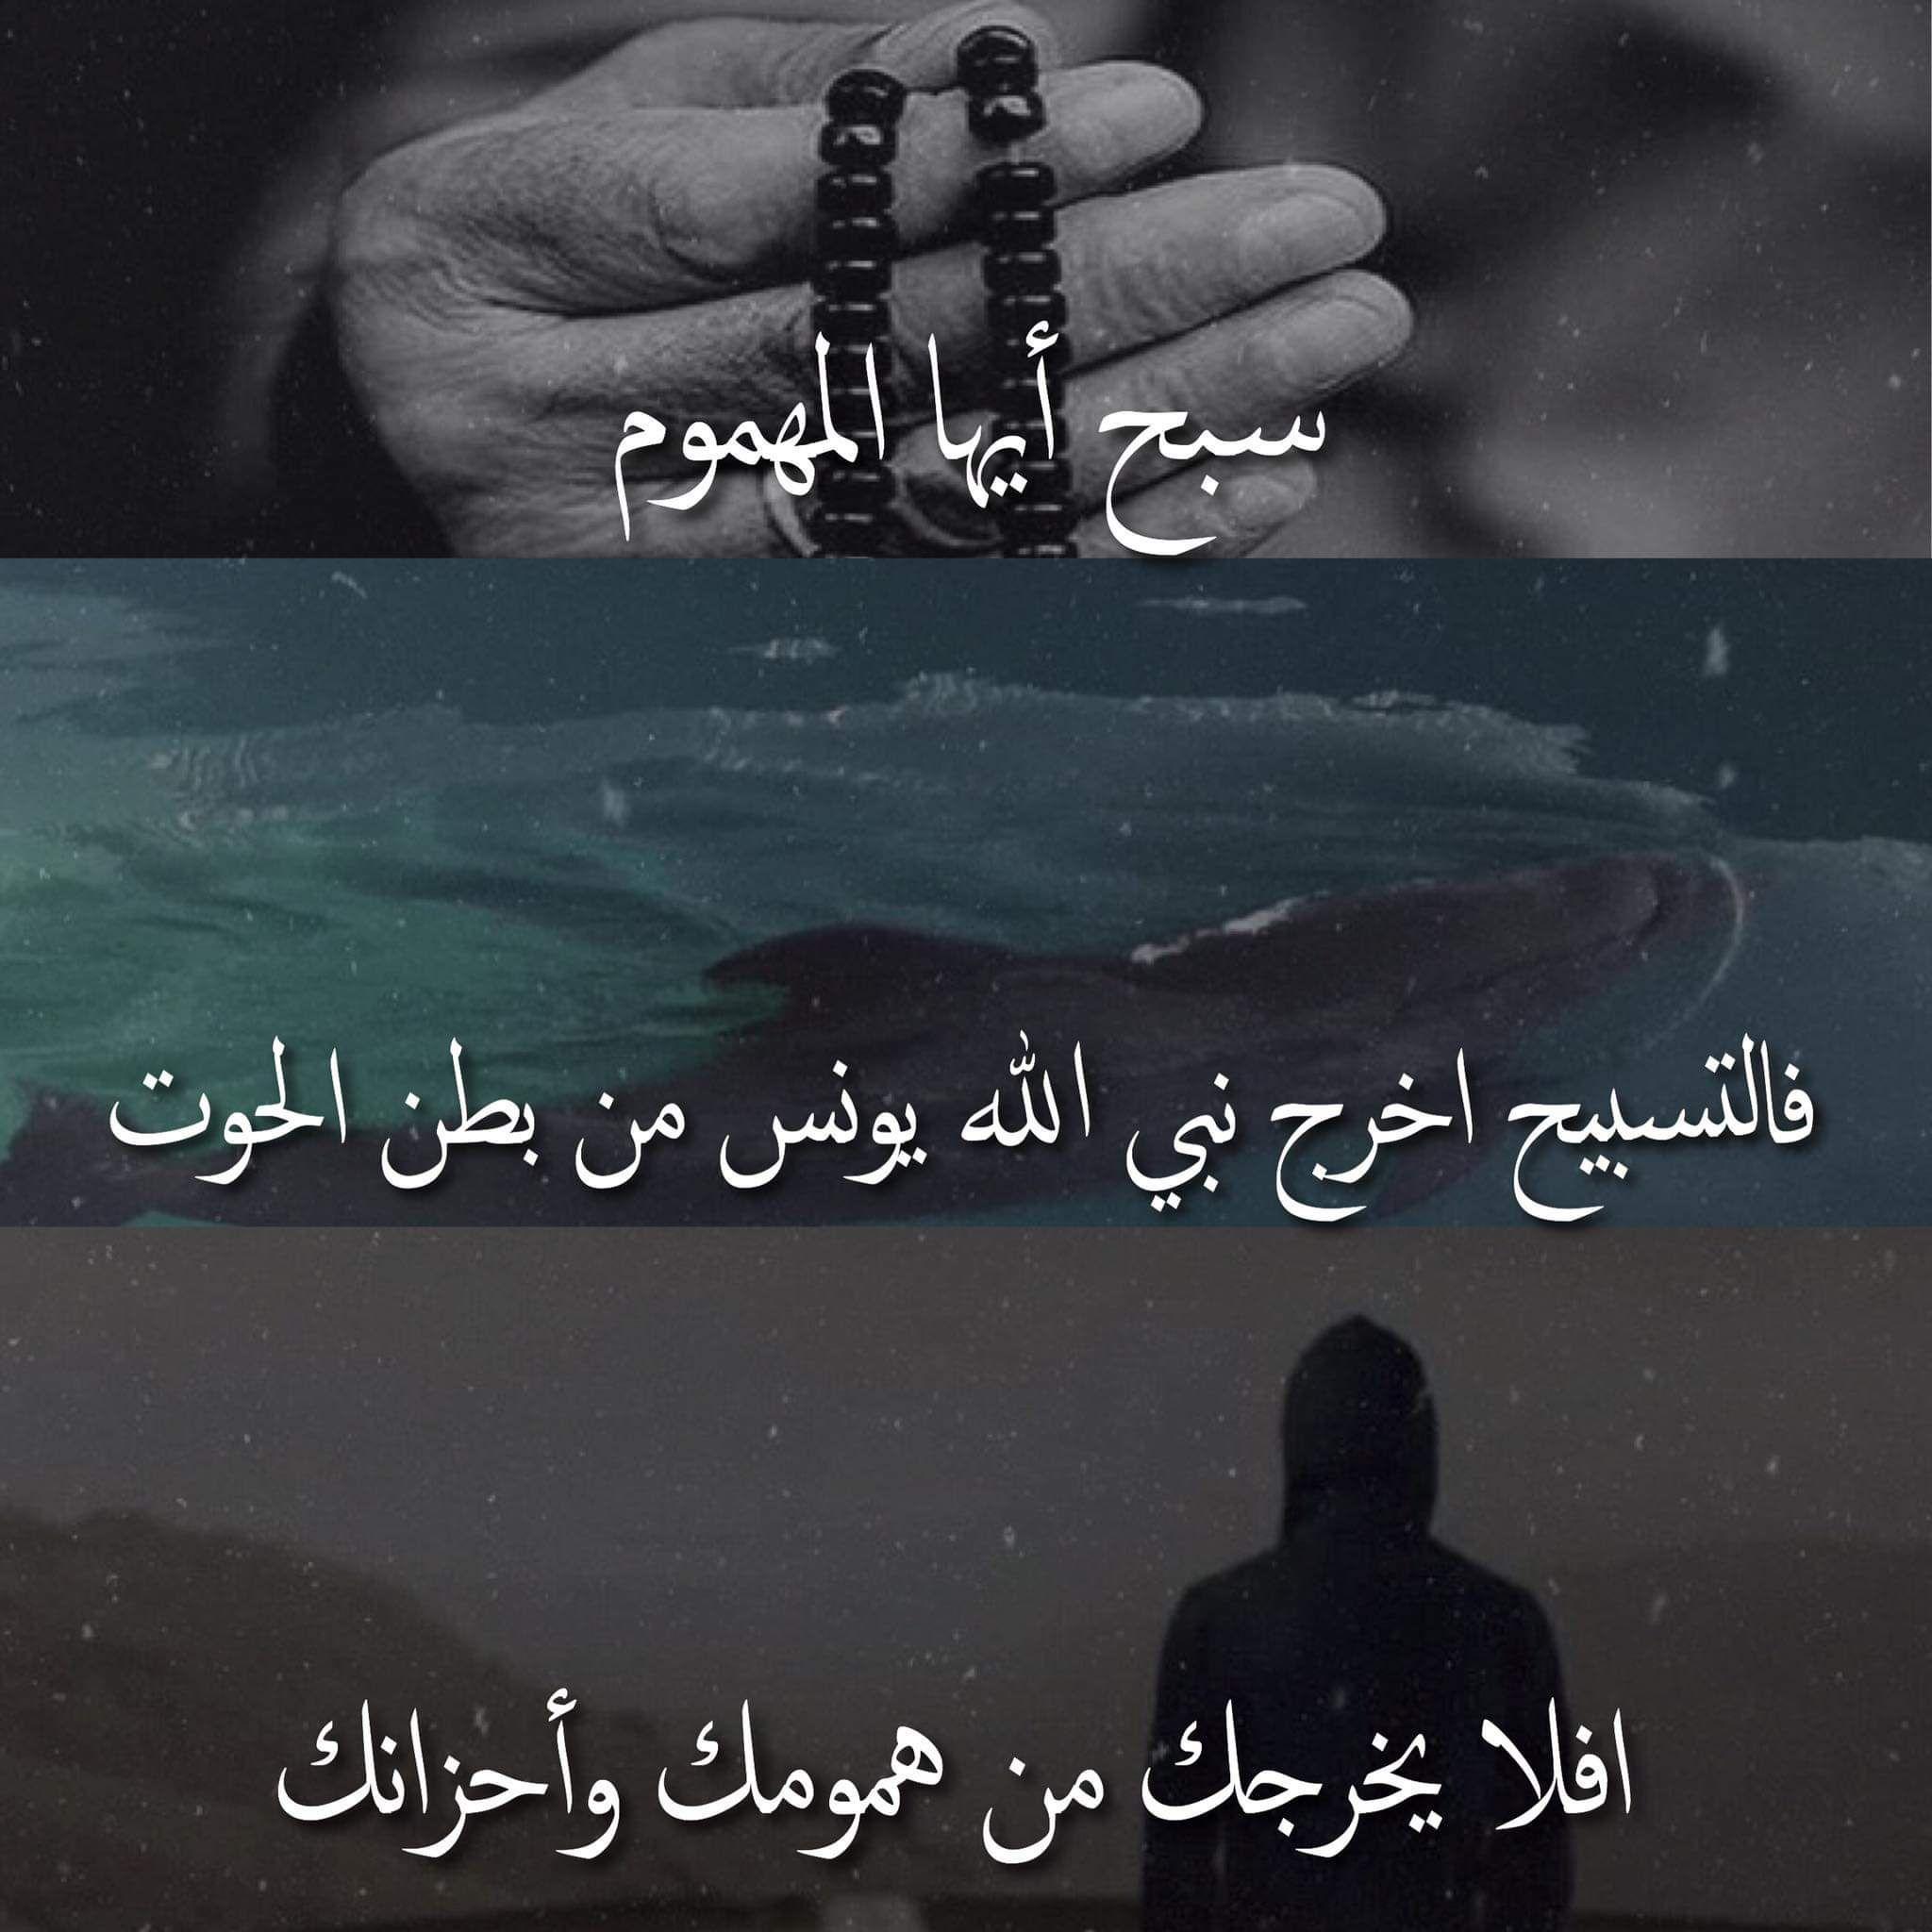 خواطر دينية قصيرة مزخرفة Self Motivation Islam Movie Posters